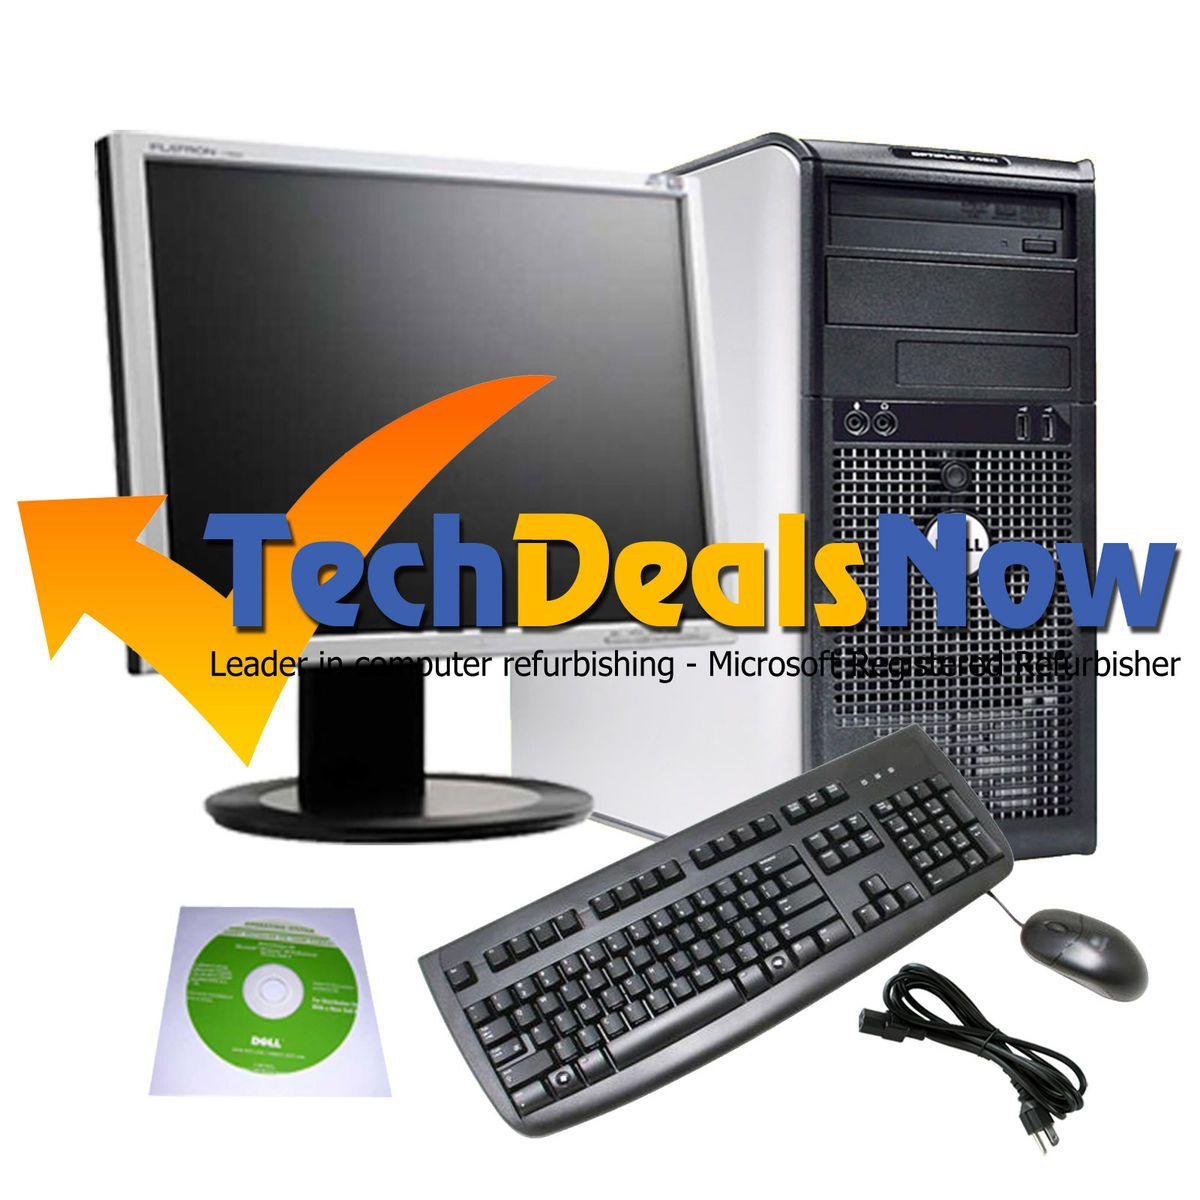 Super Fast Dell Dual Core Core 2 Duo Tower Desktop Computer PC LCD